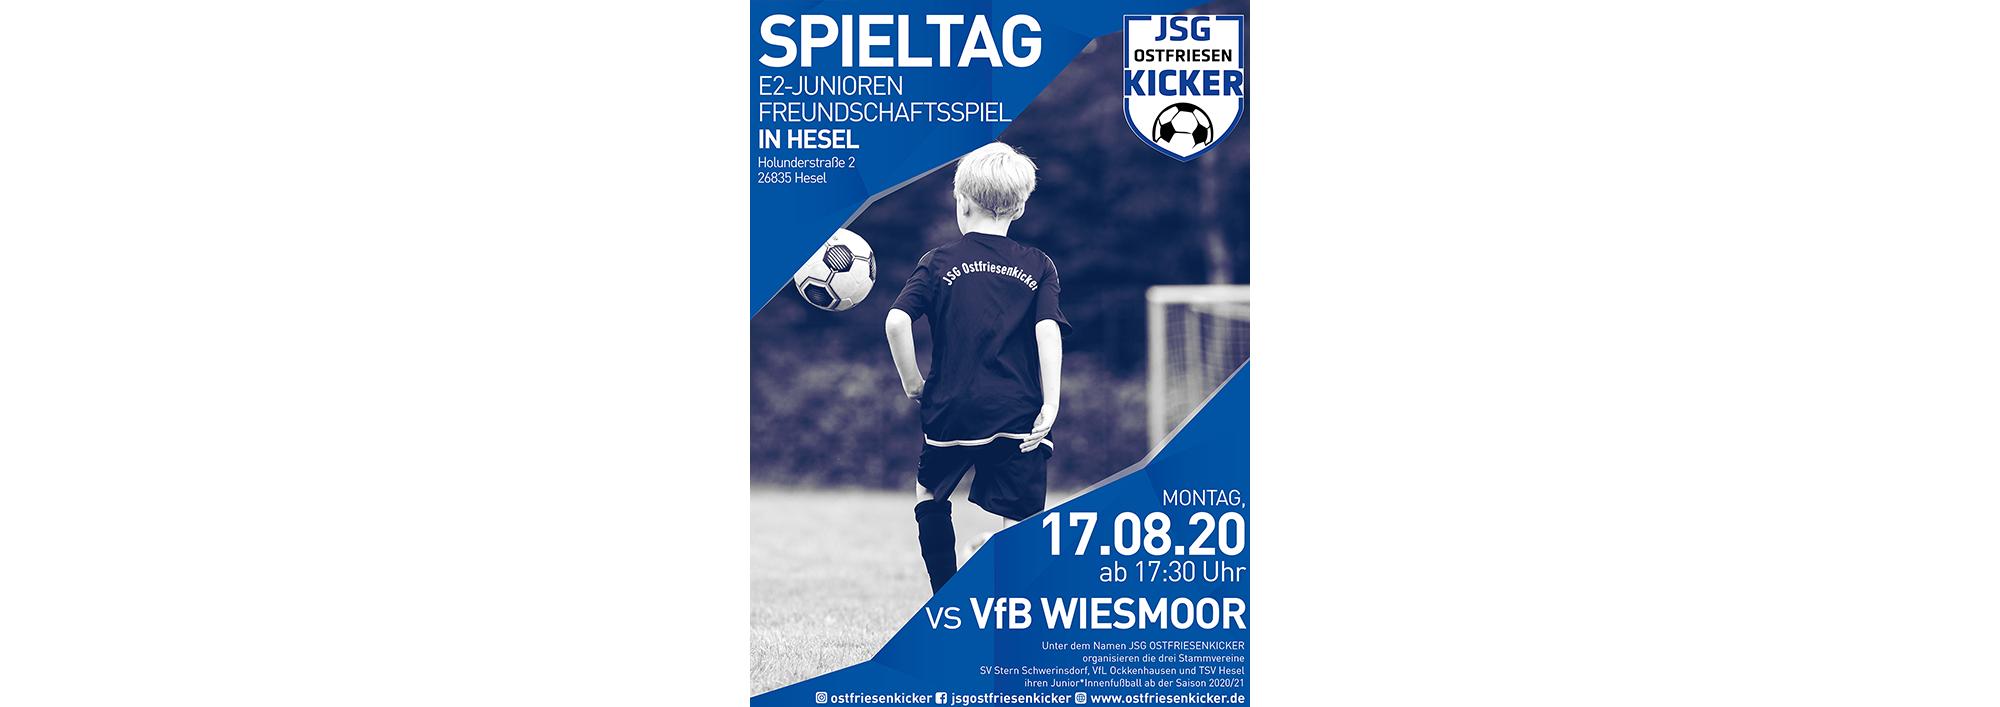 Read more about the article Freundschaftsspiel der E2-Jugend am 17.08 um 17:30 Uhr